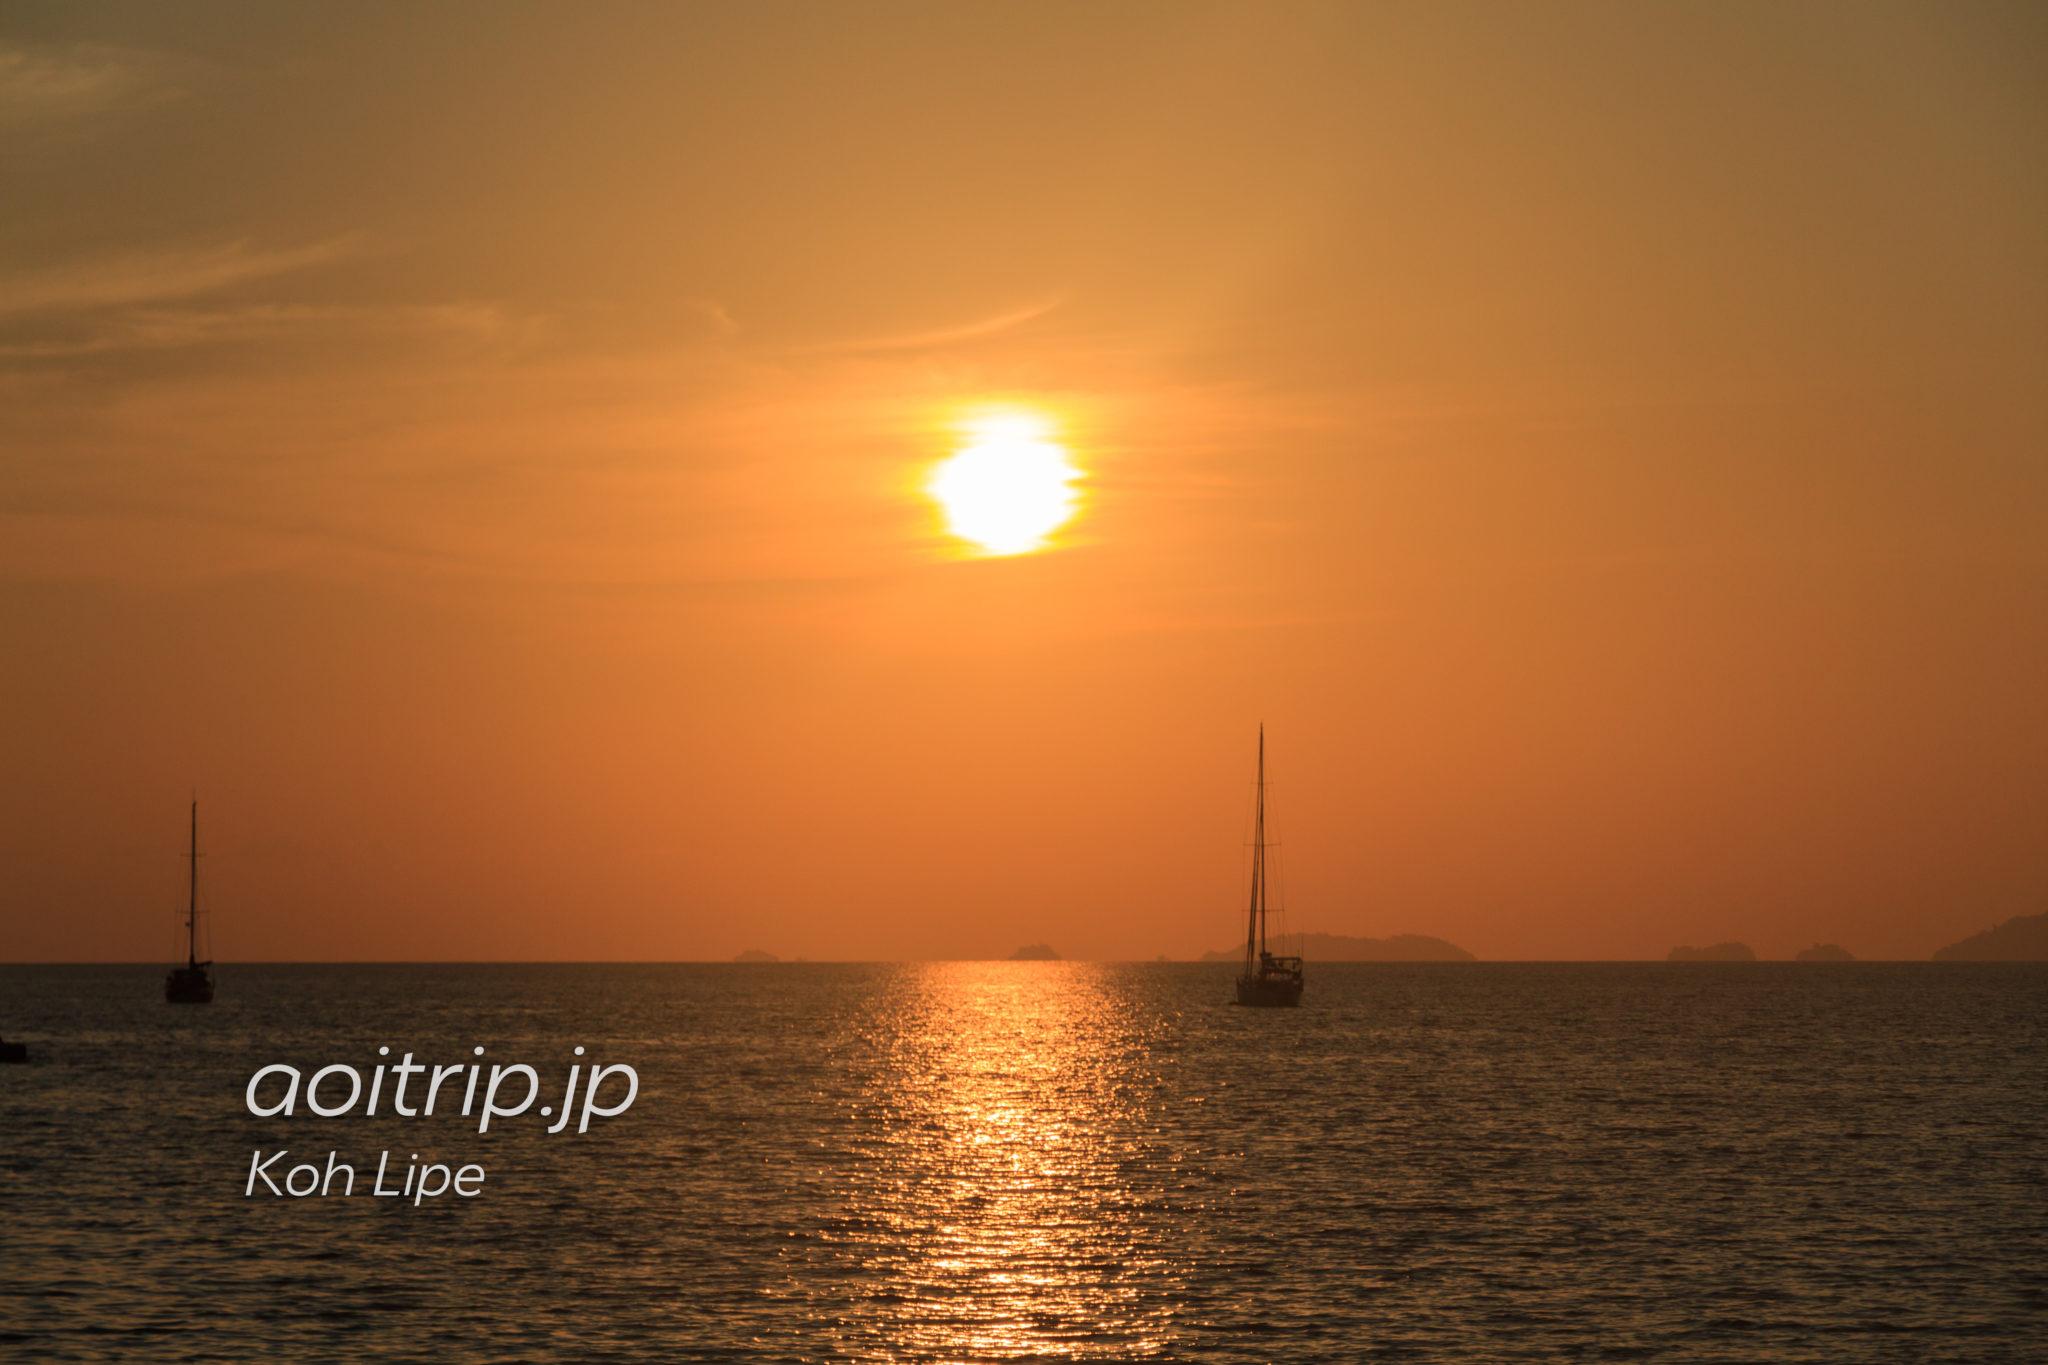 リペ島のサンセットビーチ